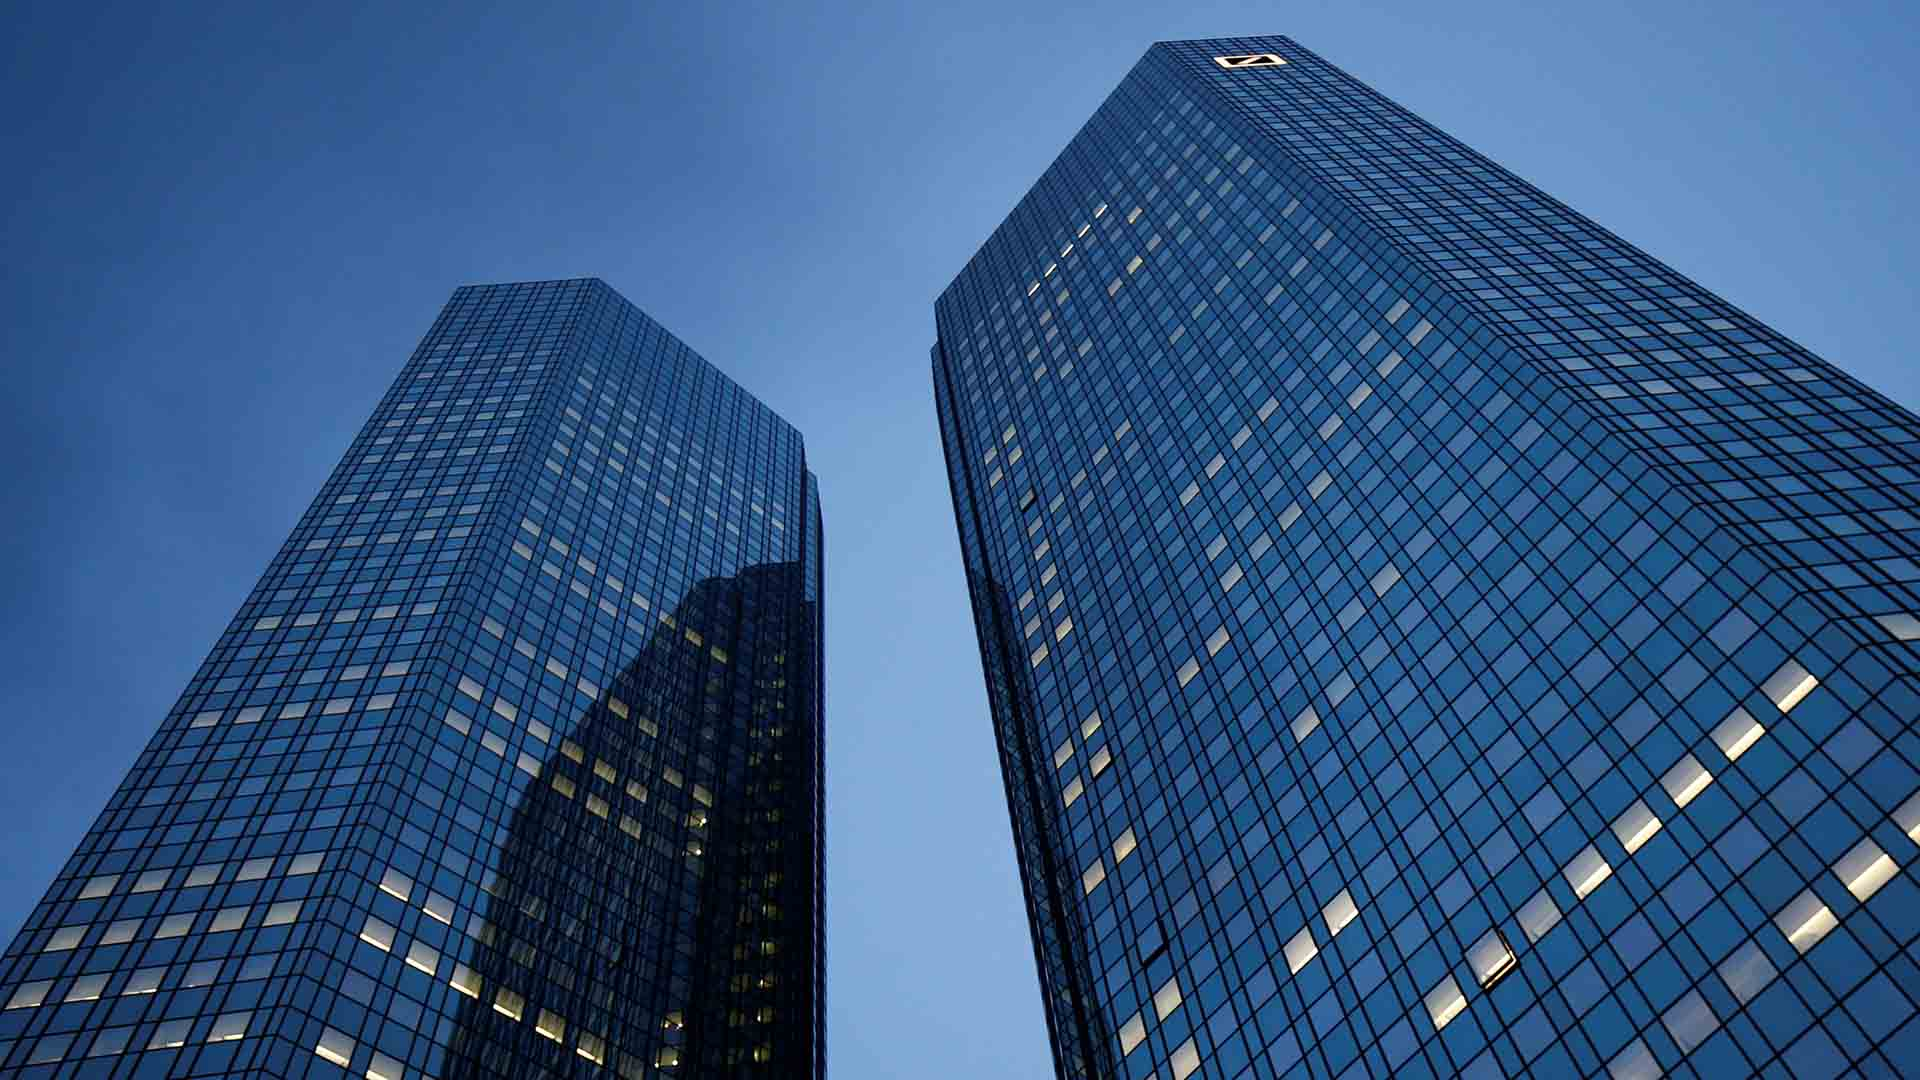 El ente financiero alemán se encuentra en medio de una reestructuración como explicó su presidente ejecutivo, John Cryan